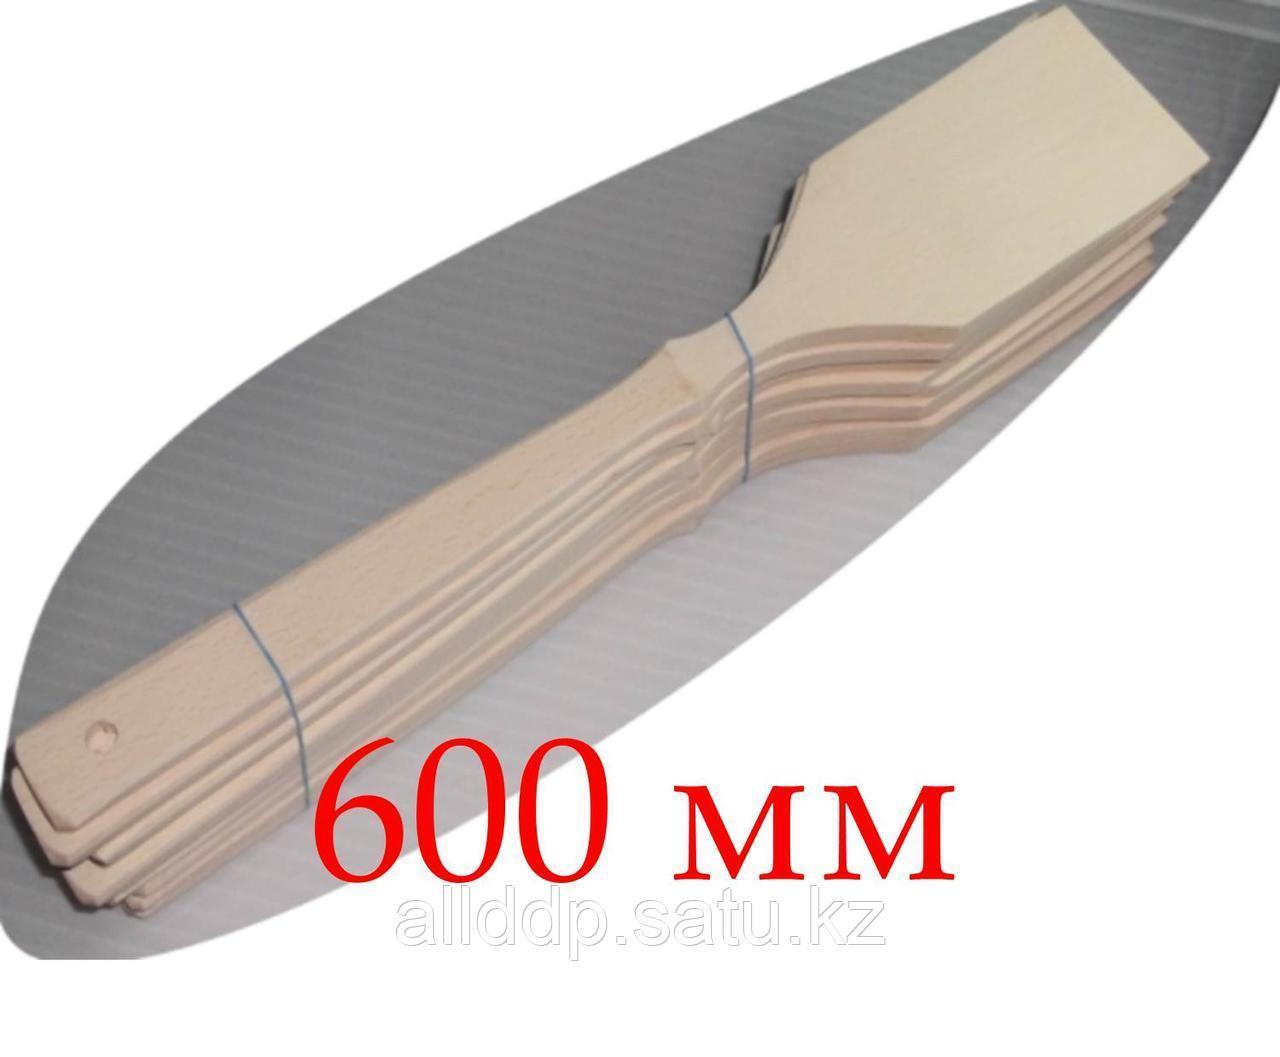 Кухонная лопатка, деревянная, 600 мм